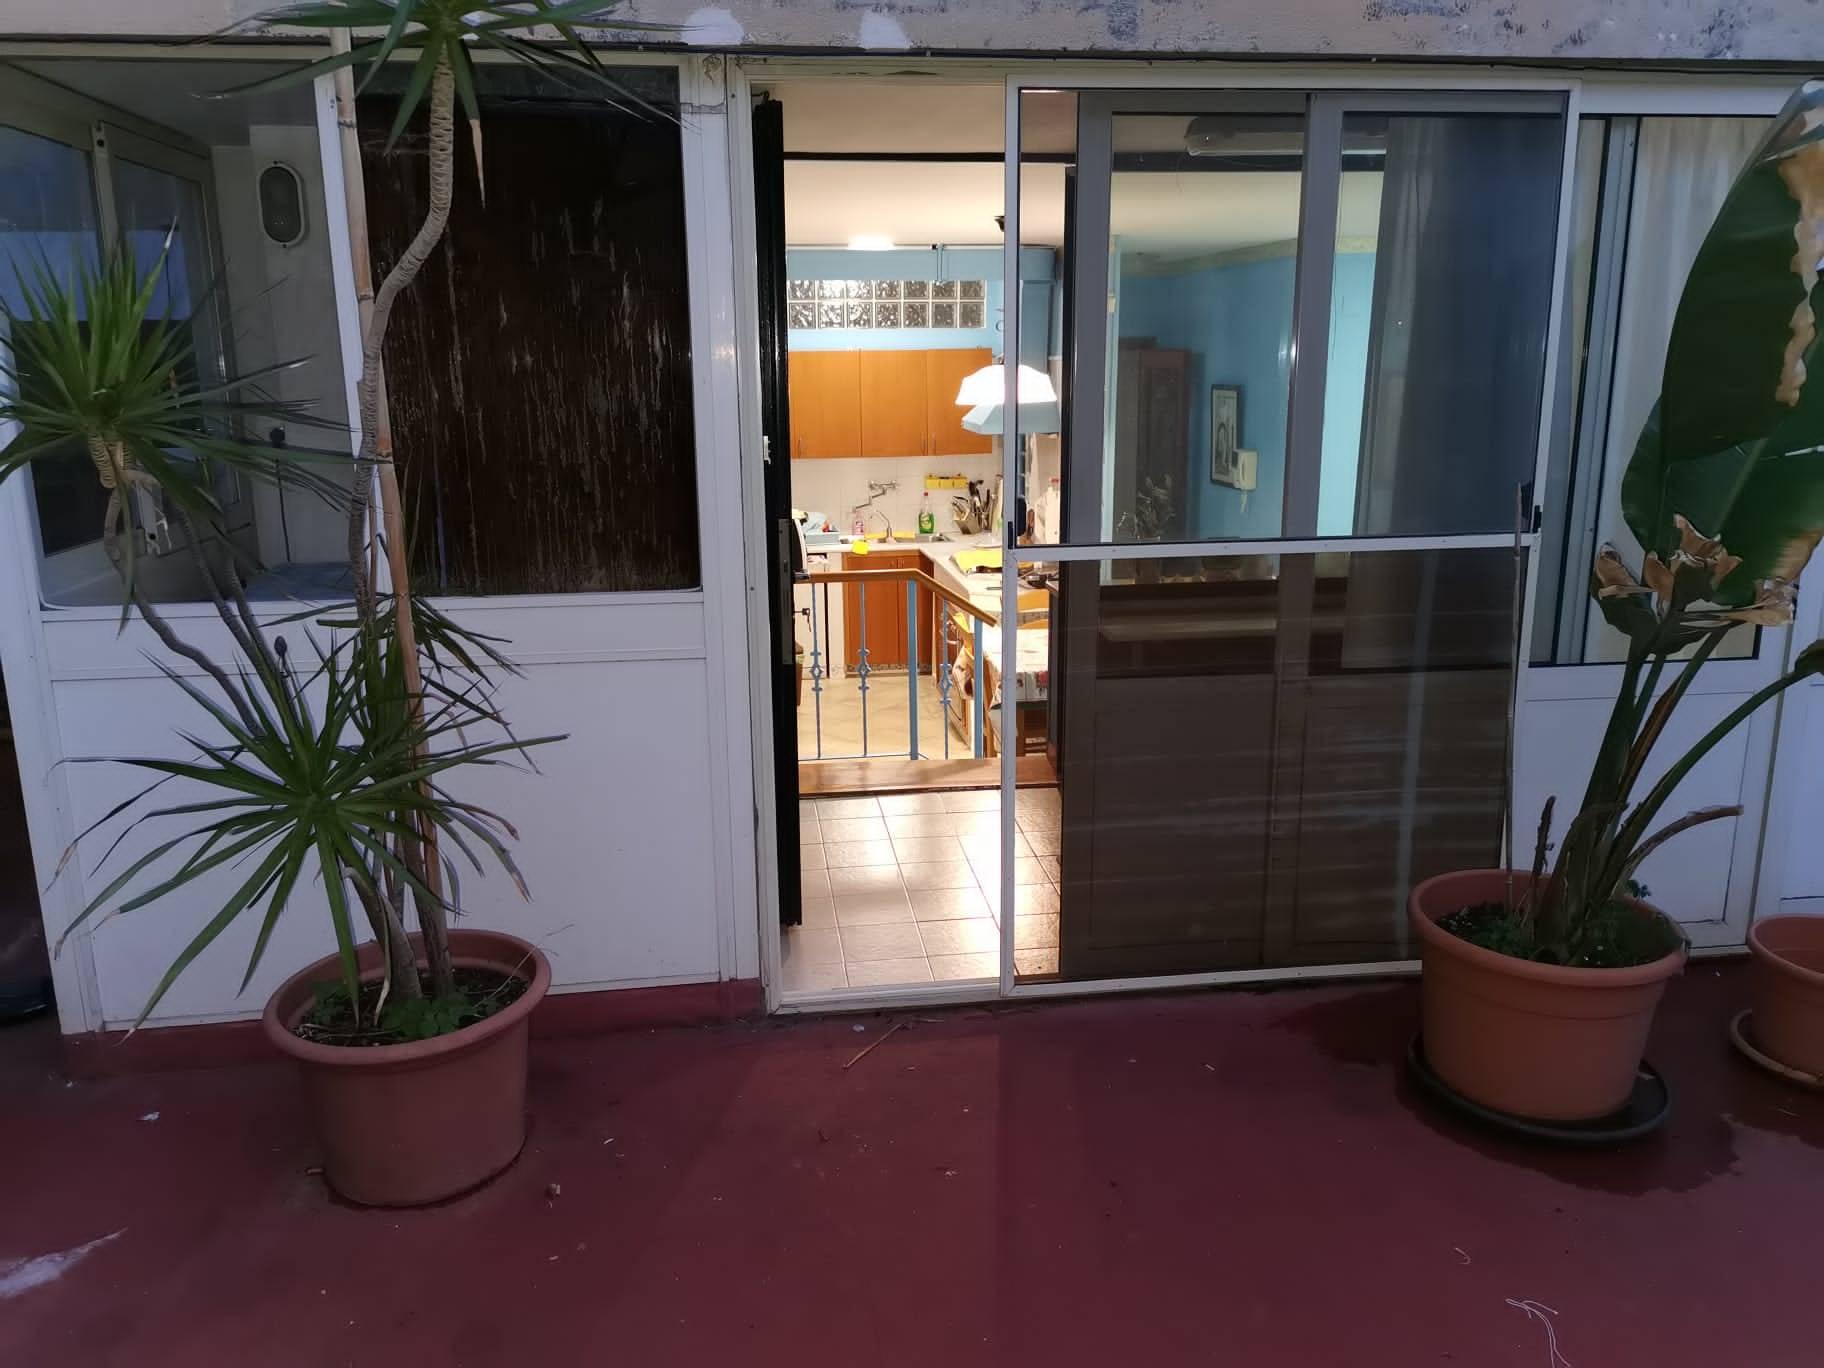 accesso al terrazzo - Rif. 164/20